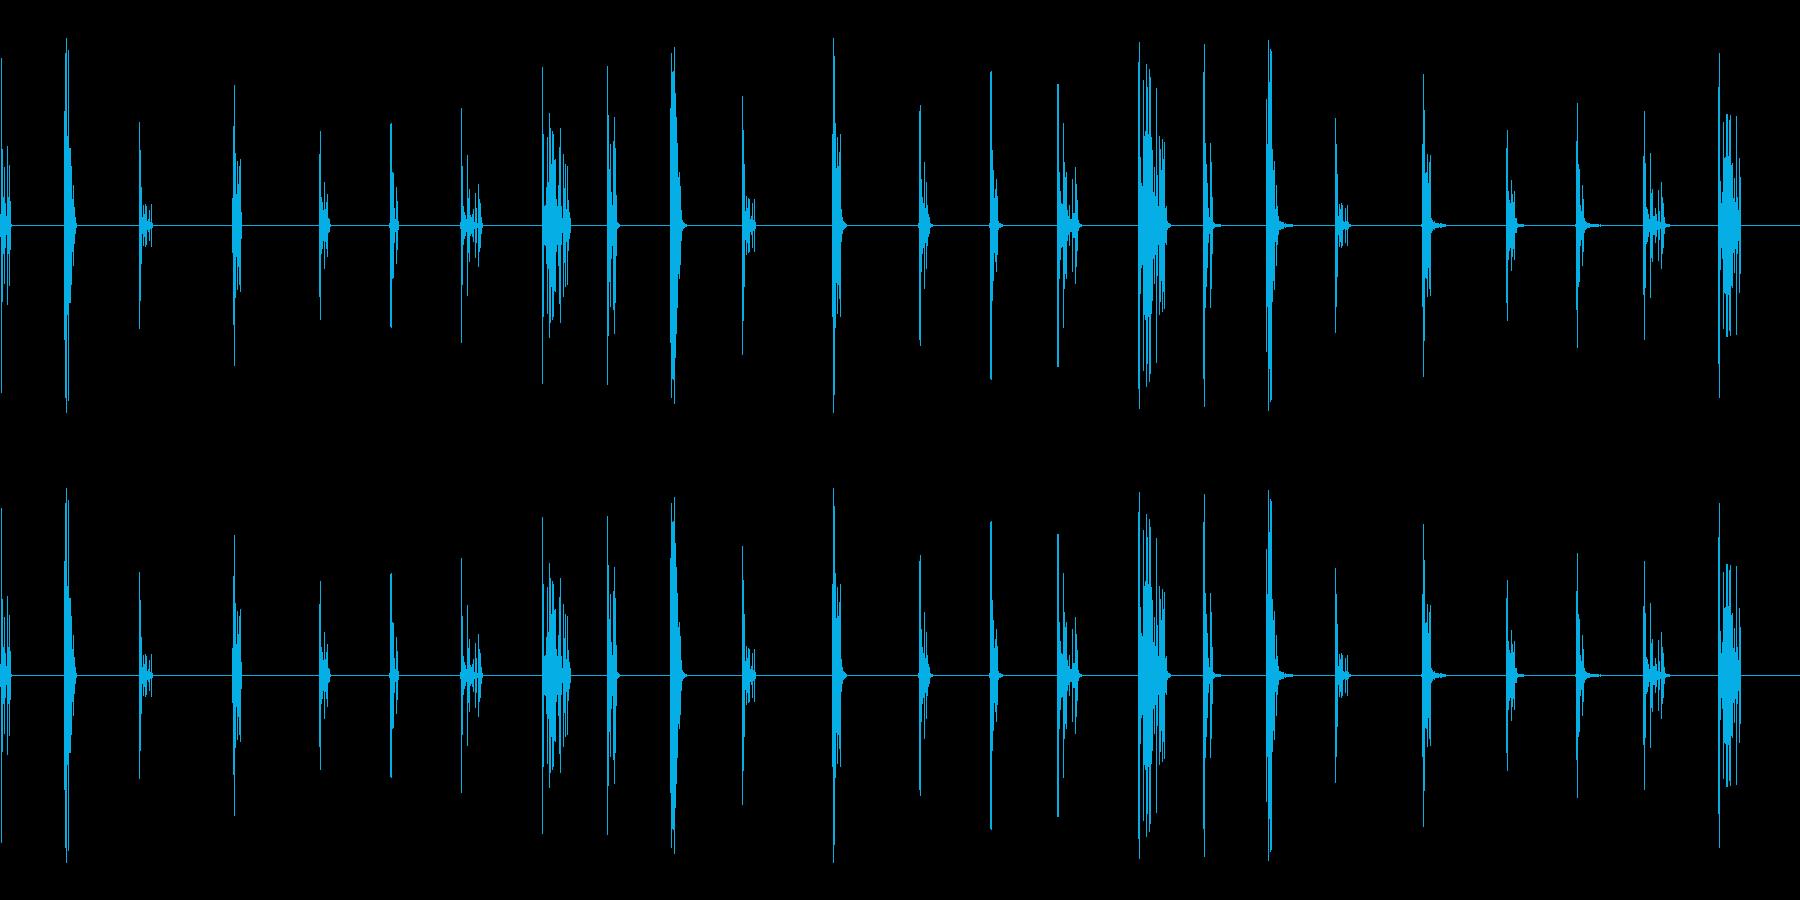 クリスタル、クリスタルブレイクの再生済みの波形